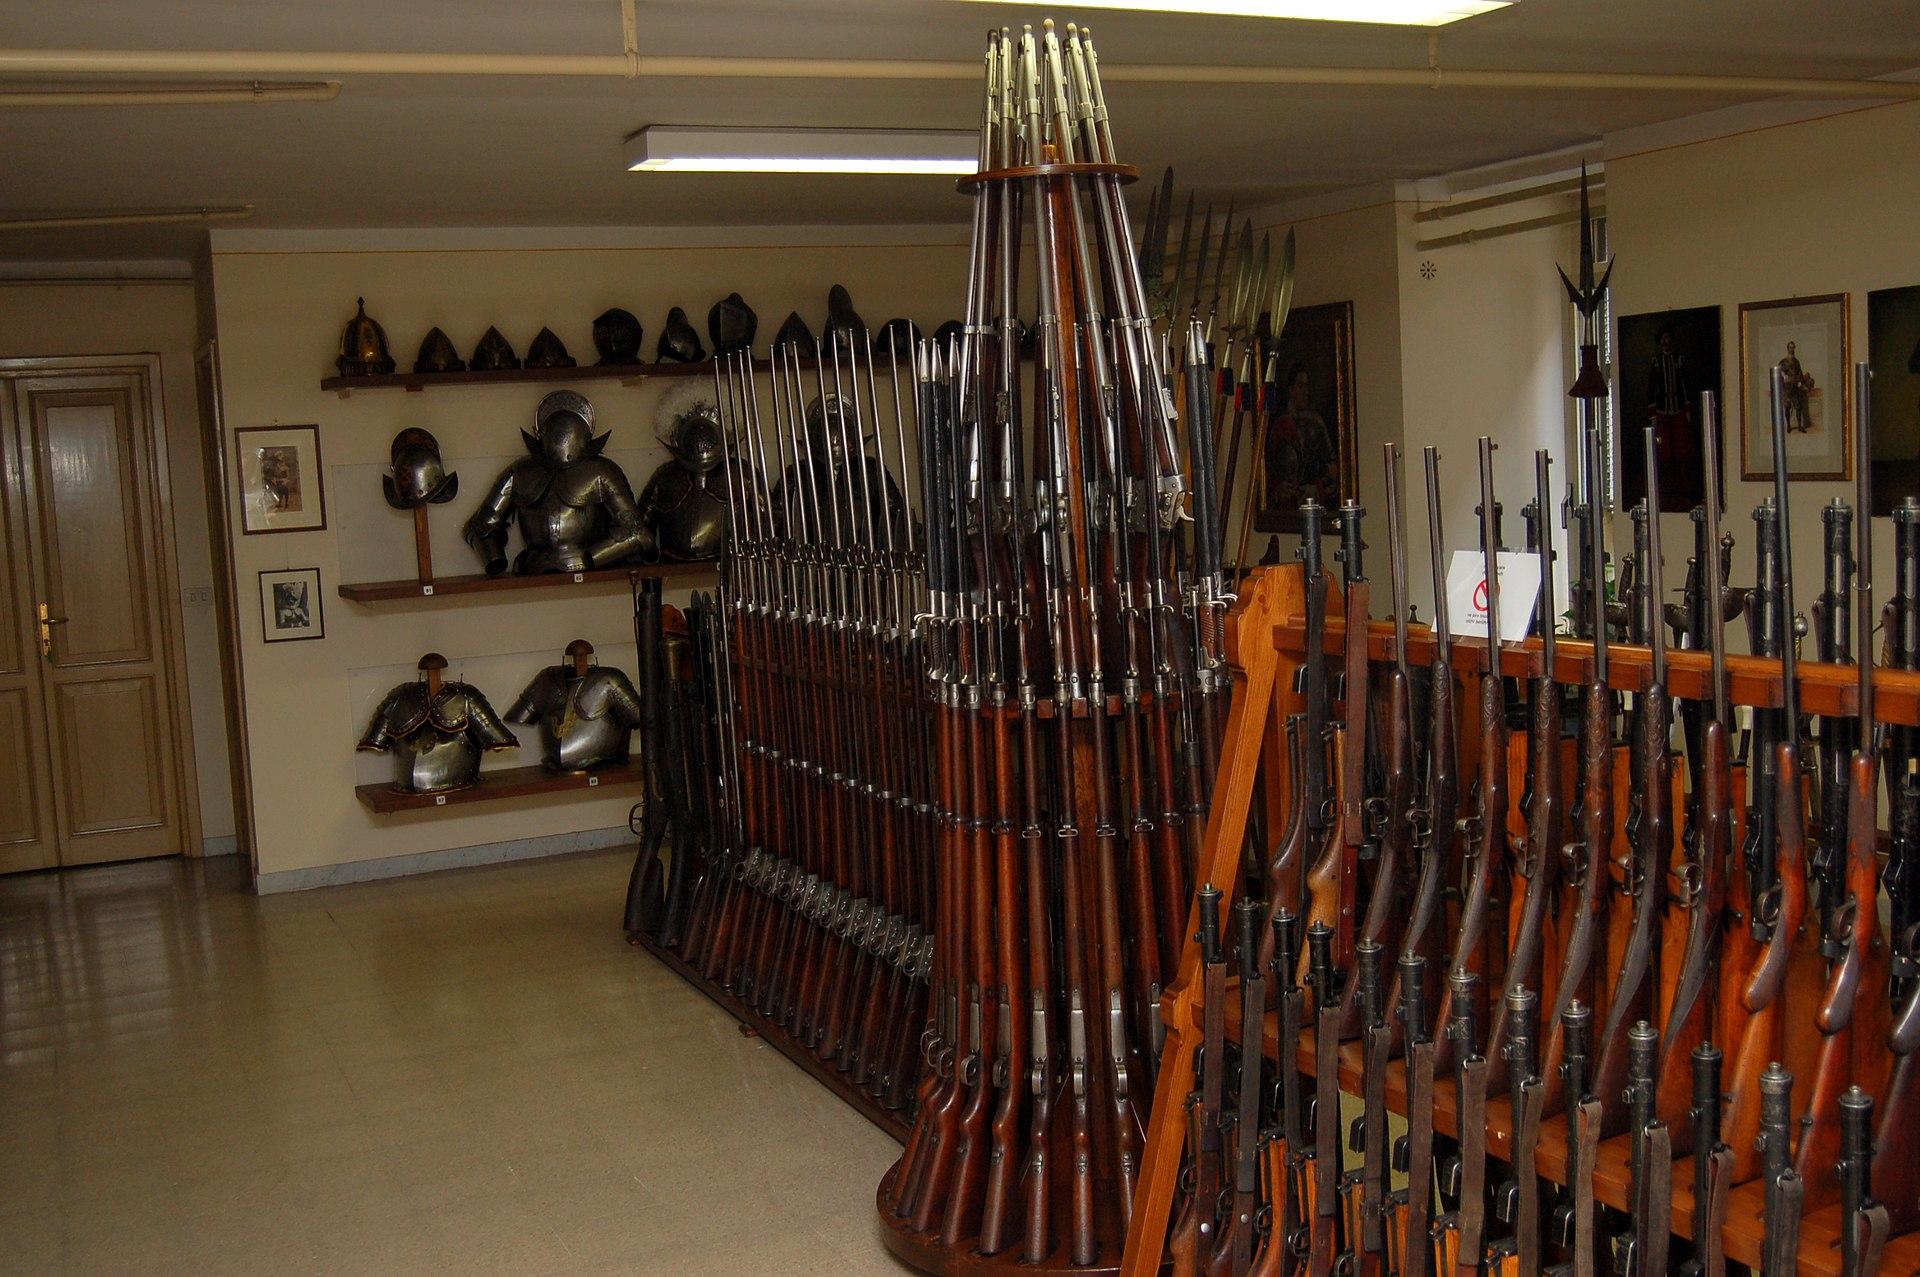 Arma de fuego wikipedia la enciclopedia libre for Muebles para guardar armas de fuego